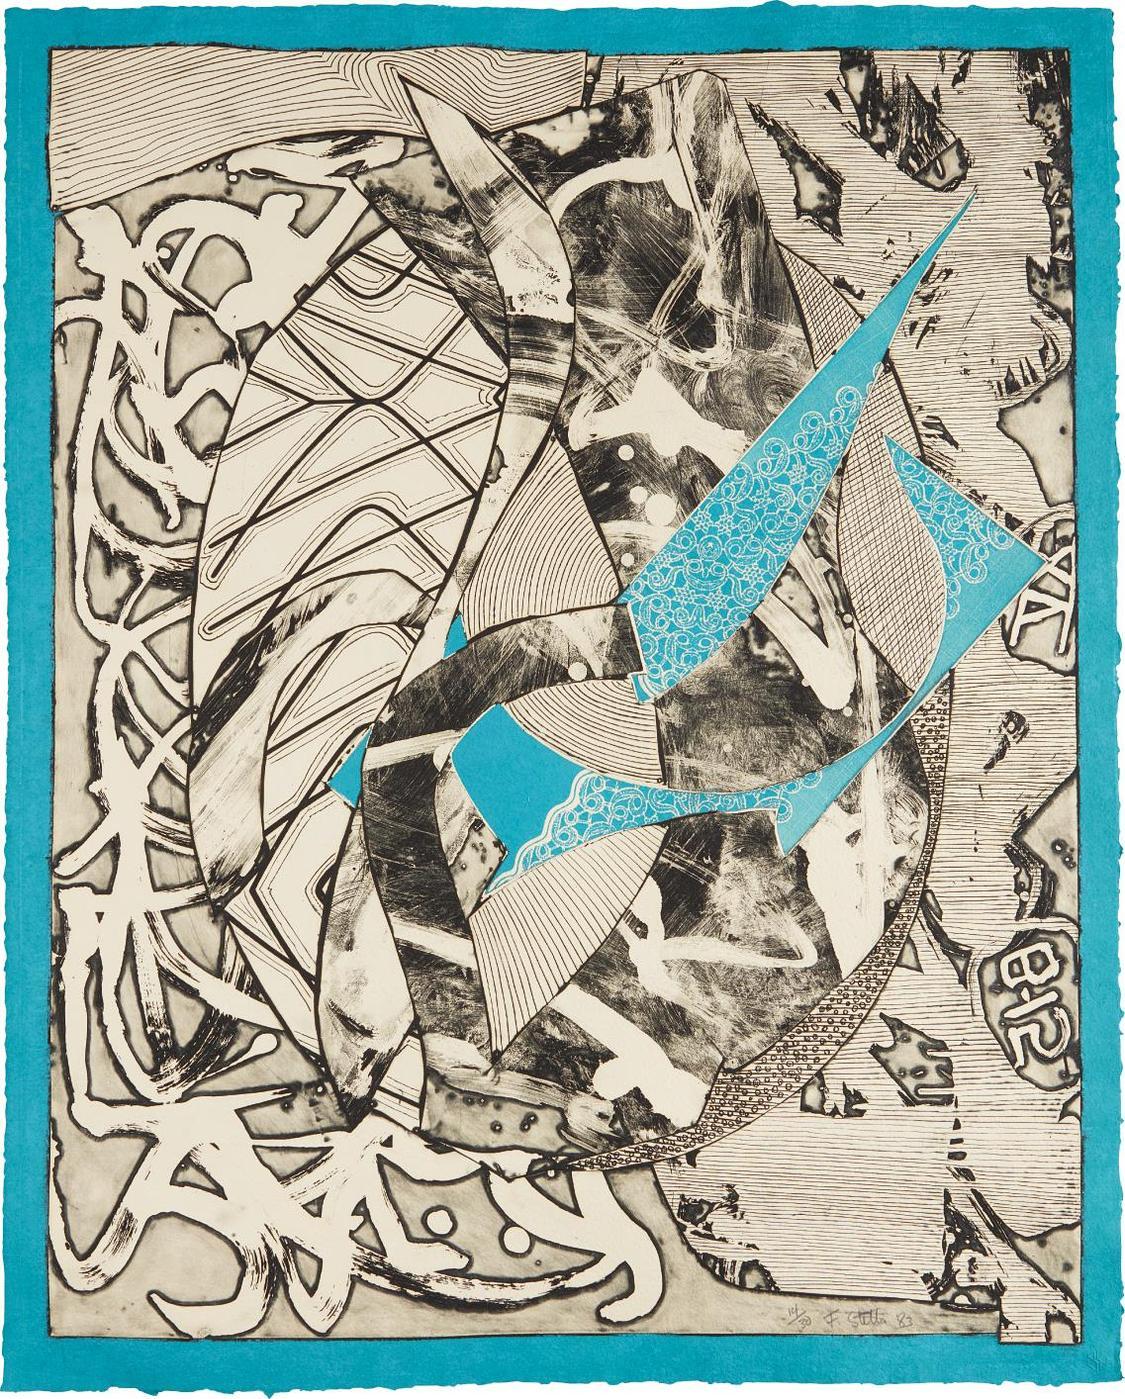 Frank Stella-Swan Engraving Blue, From Swan Engravings-1983